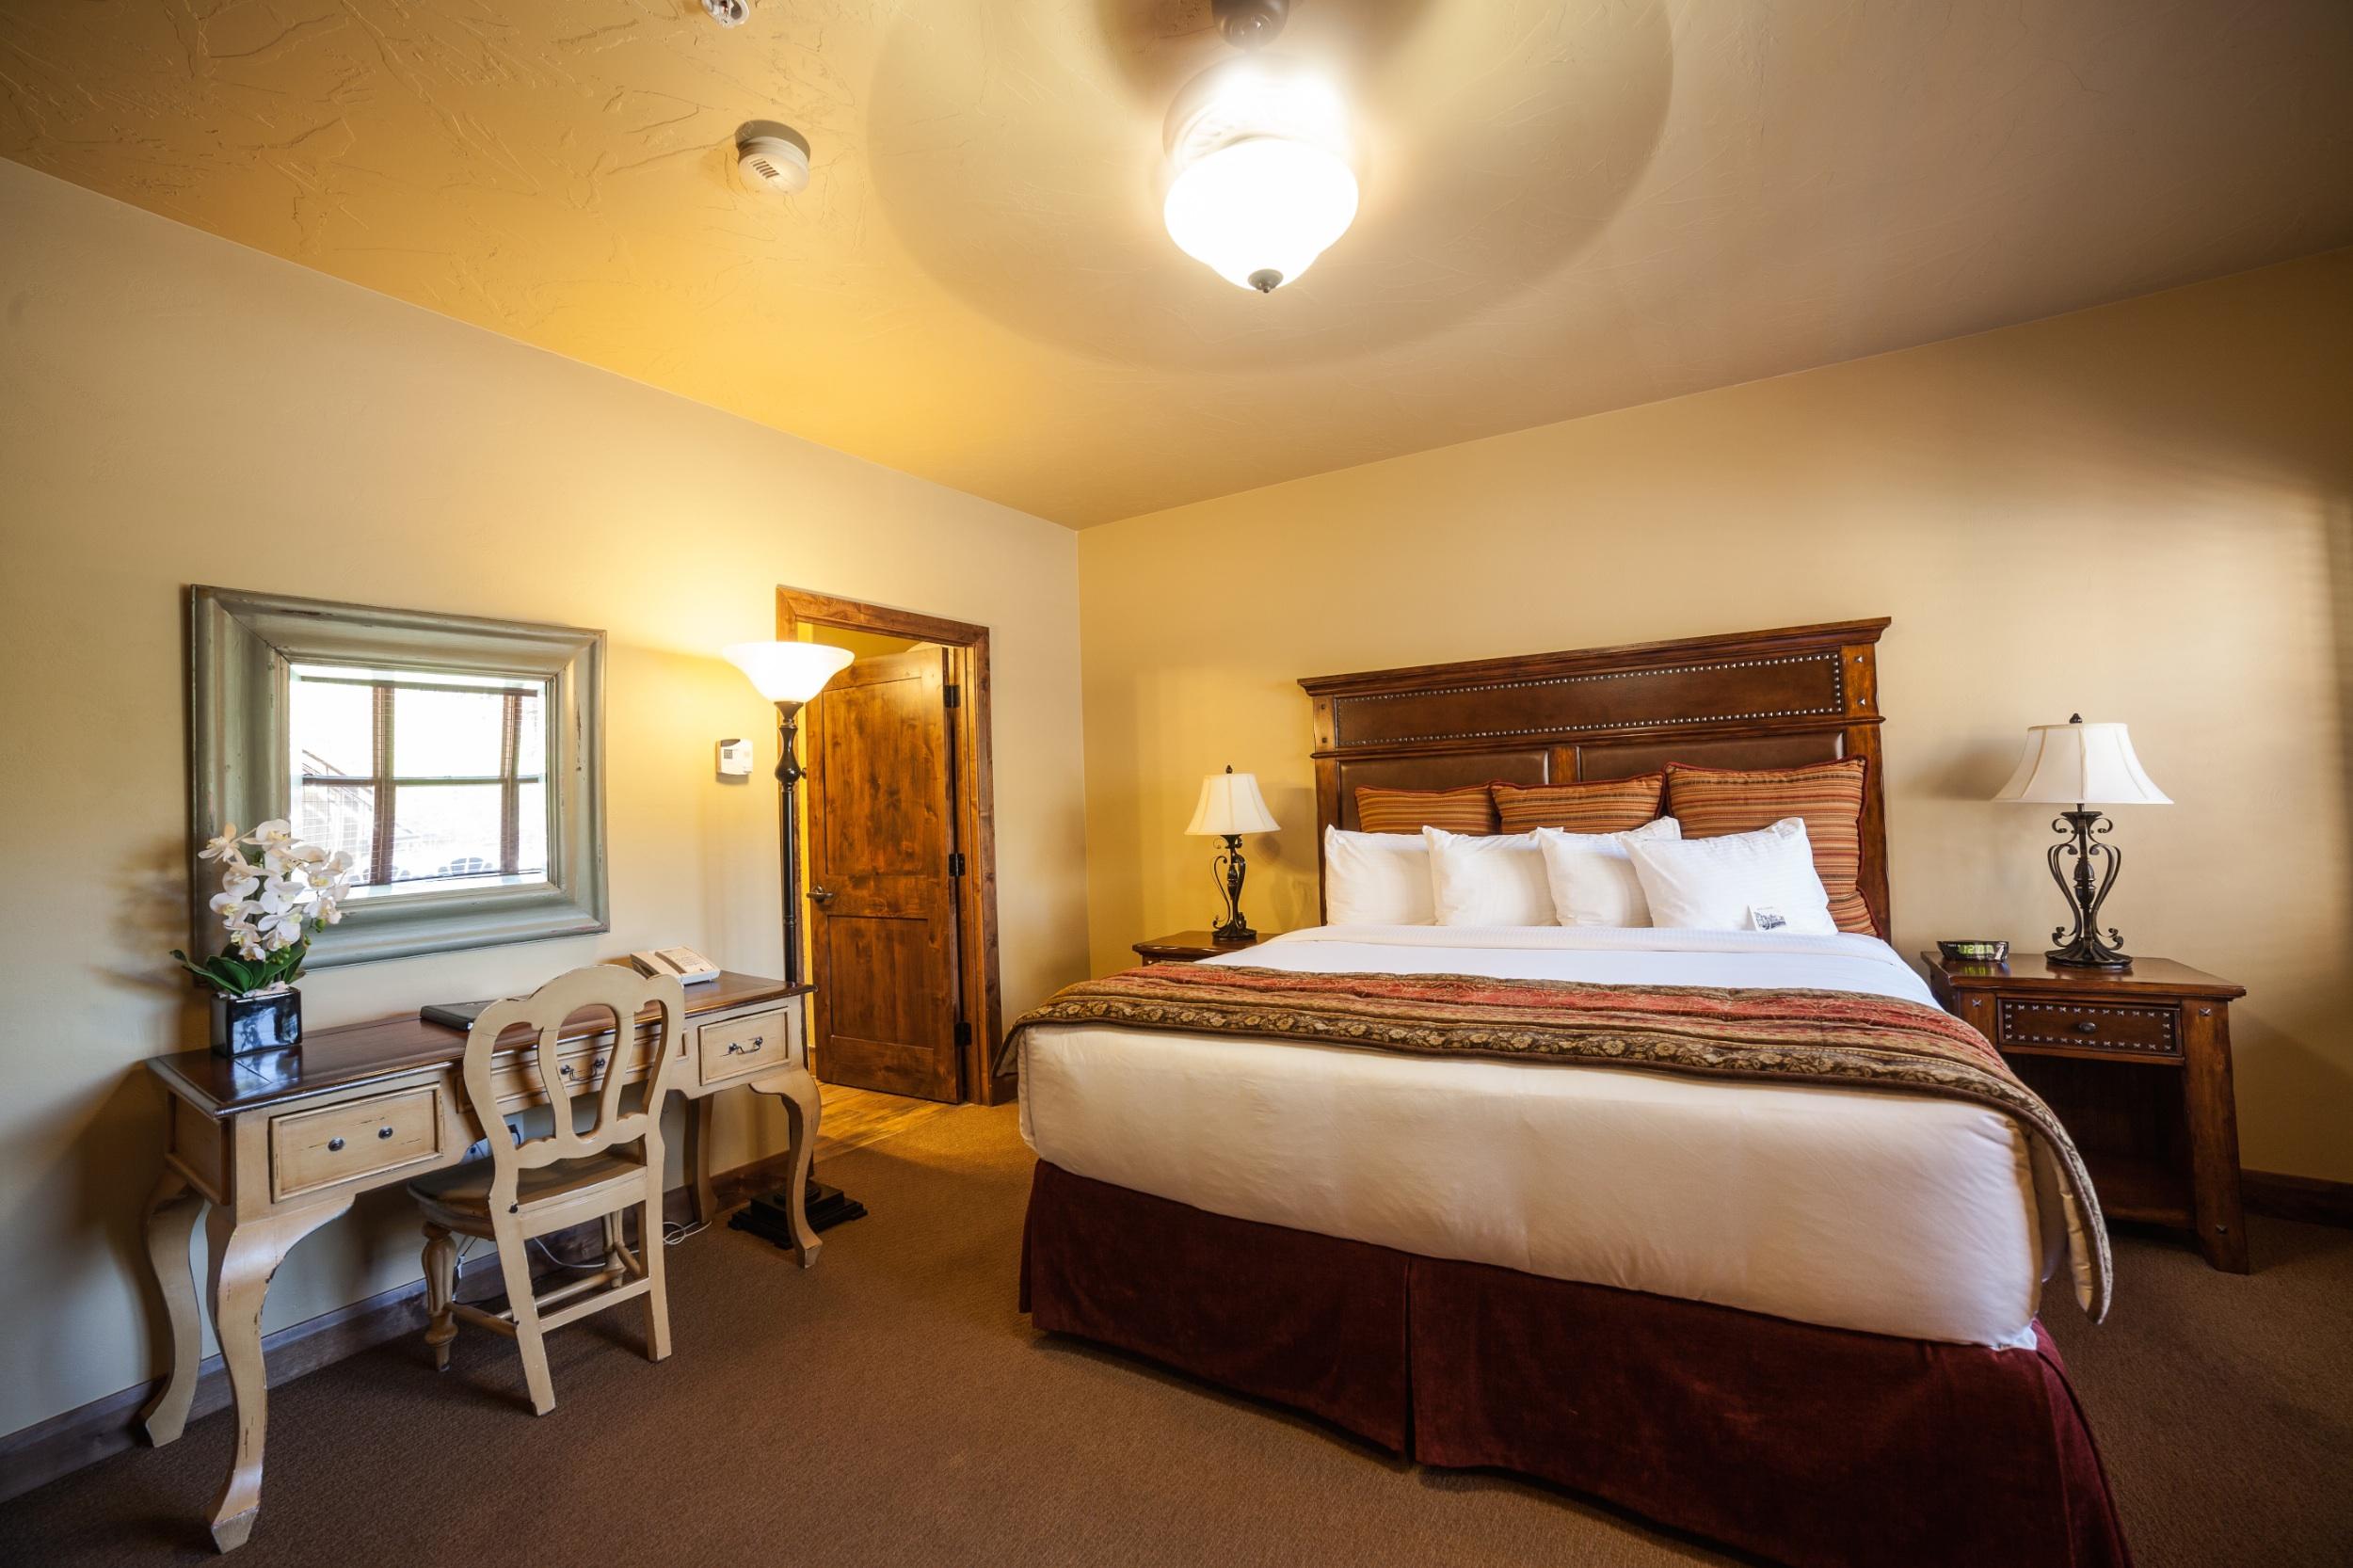 zion park hotels